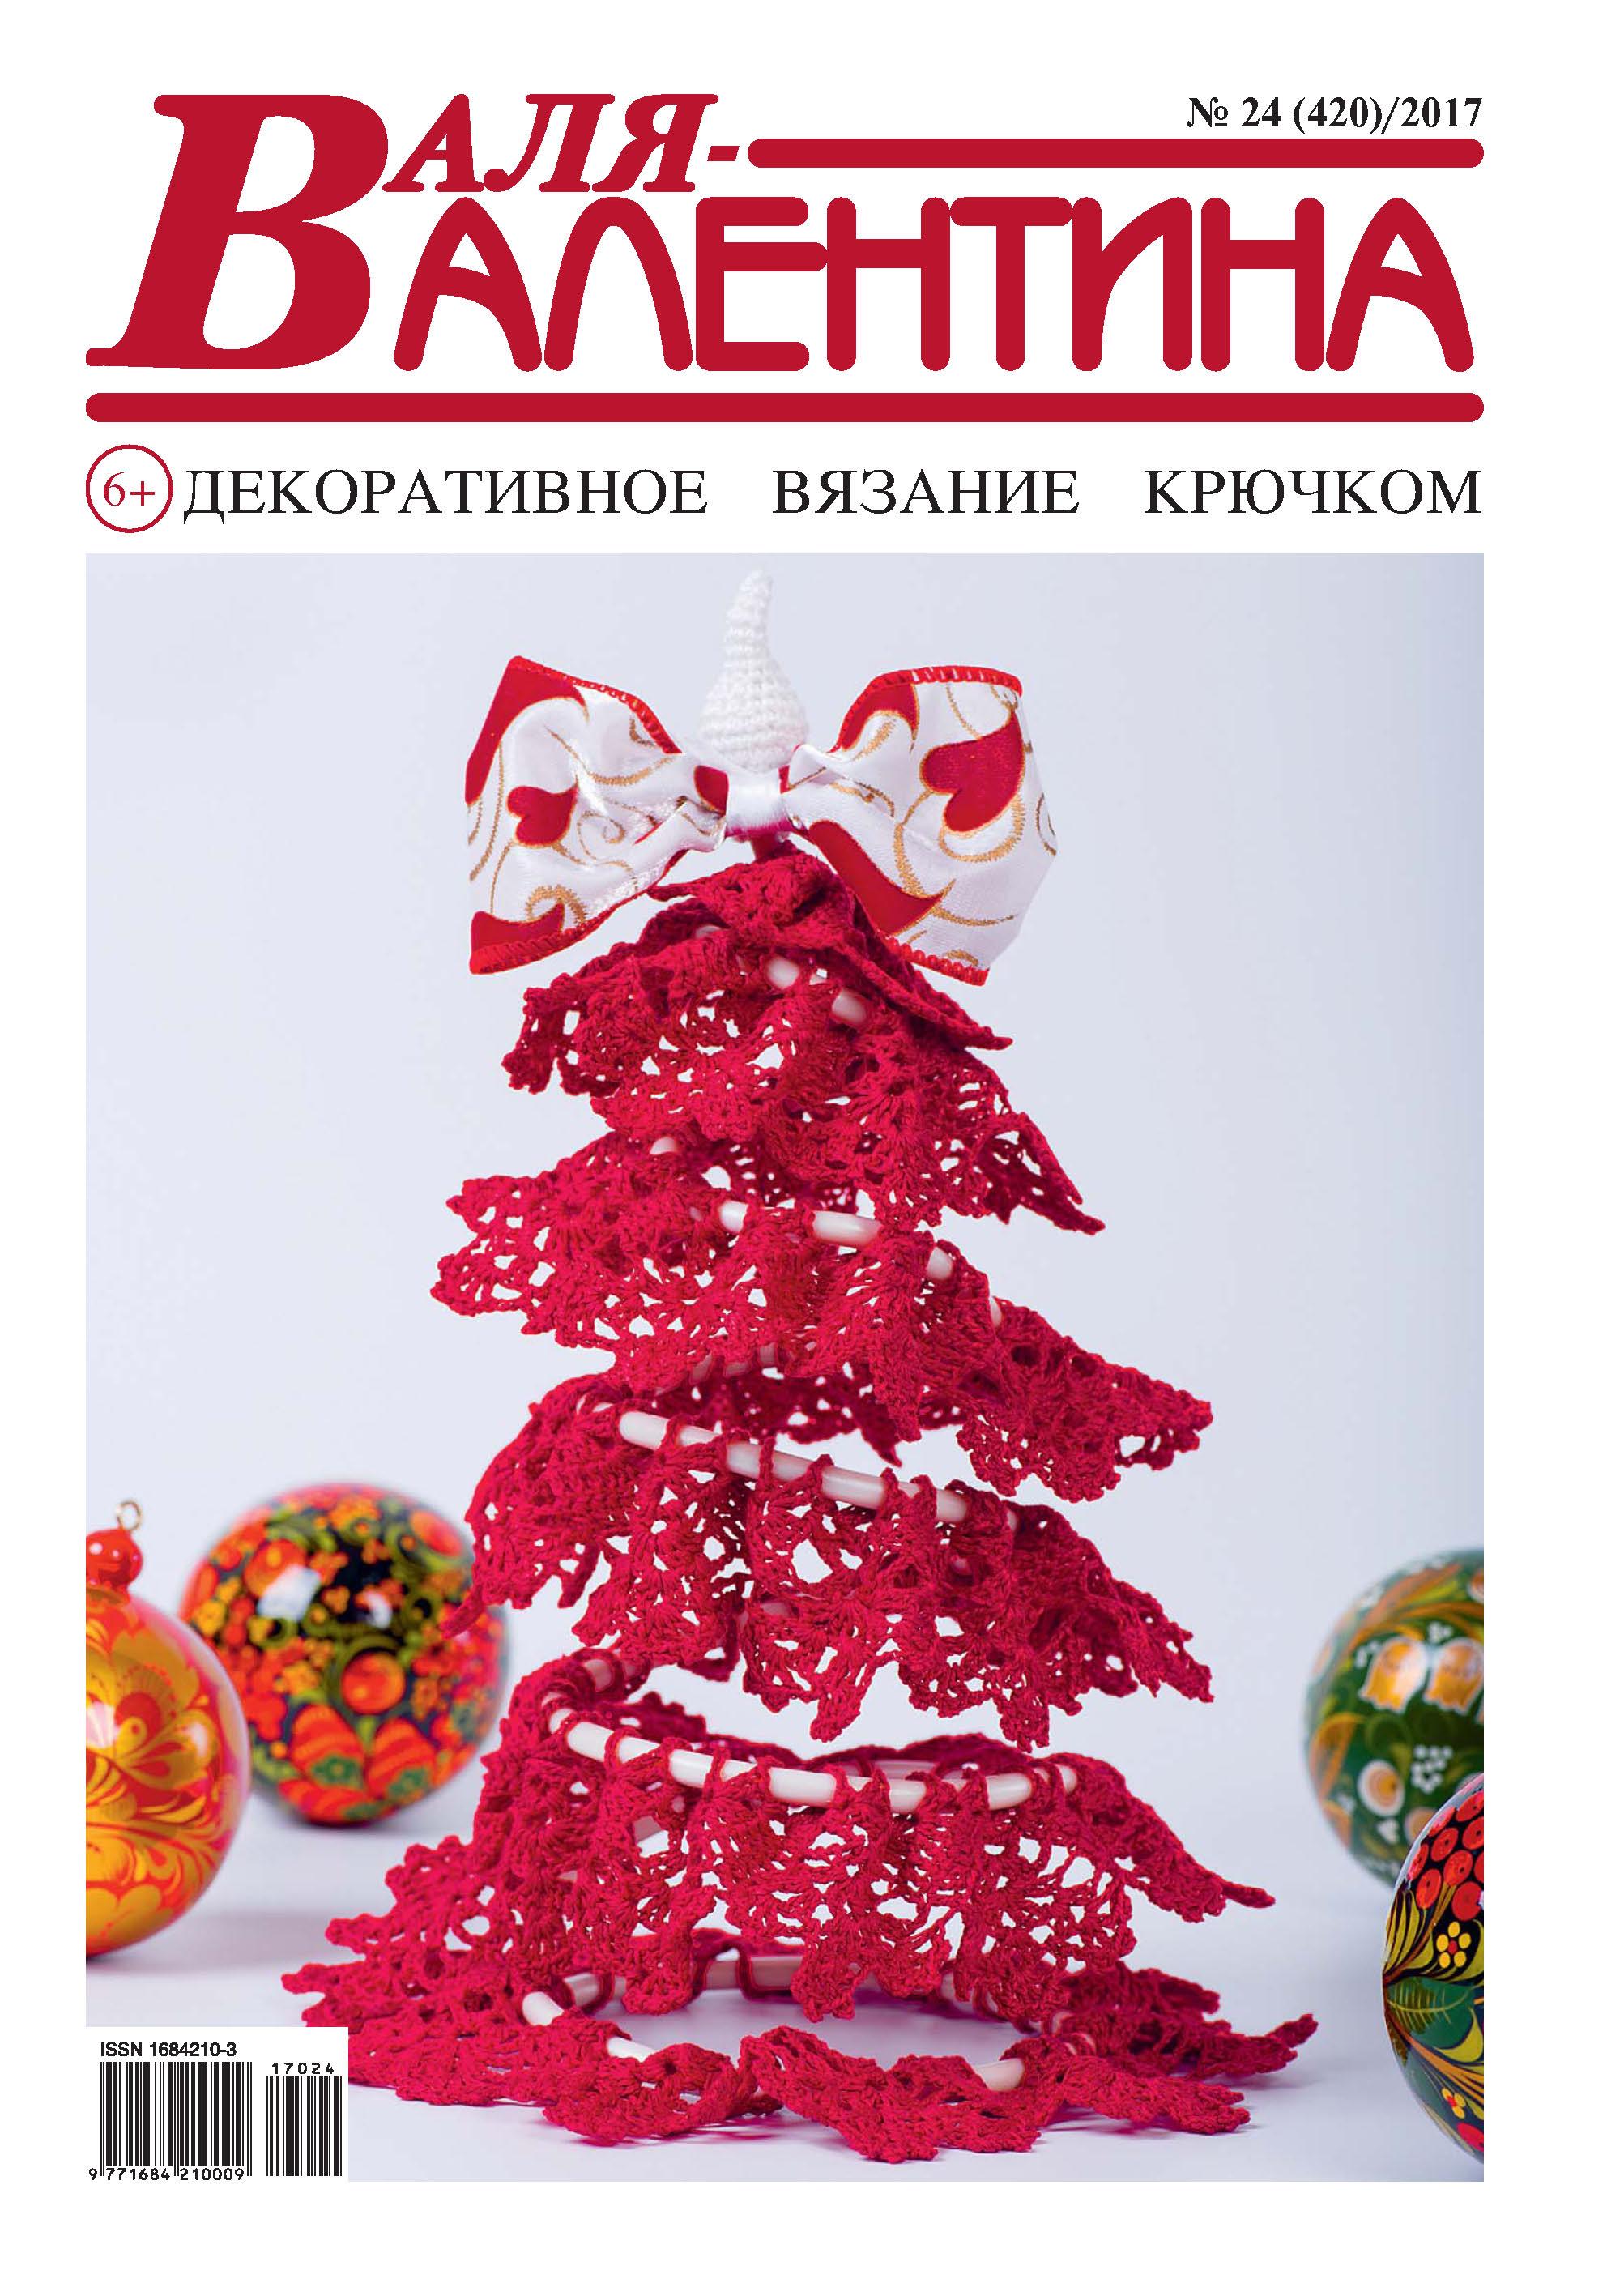 Валя-Валентина. Декоративное вязание крючком. №24/2017_Отсутствует